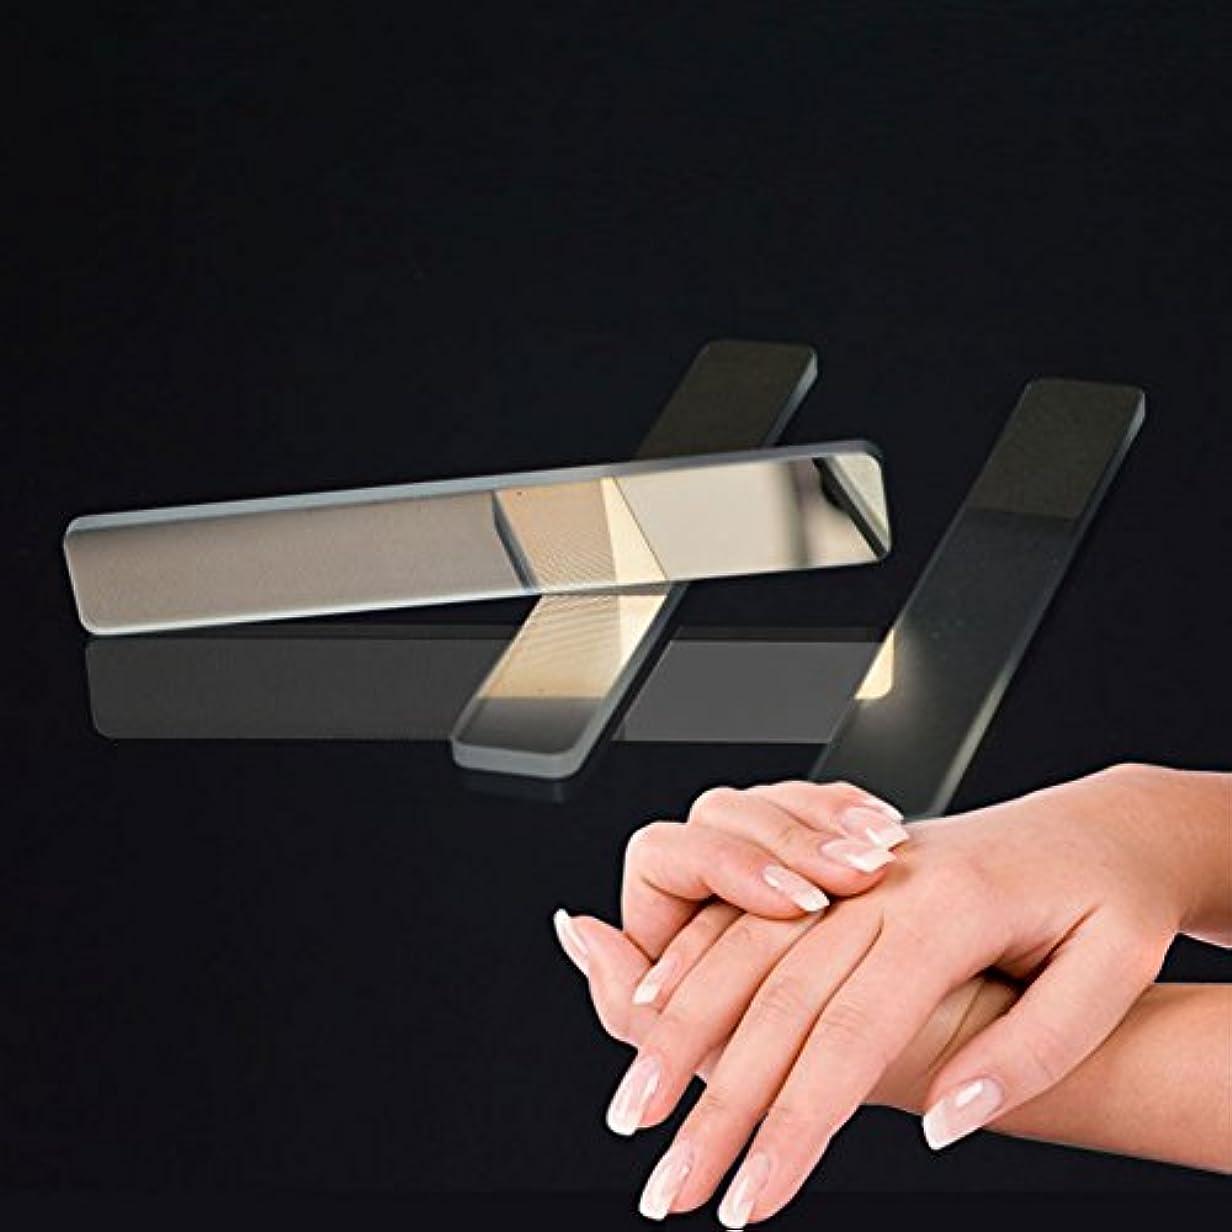 経験者現実にはプレビュー爪やすり WUUDI 爪磨き ガラス爪ヤスリ ネイルファイル ネイルシャイナー つめケア ガラス製 ネイルケア 甘皮処理 (白)